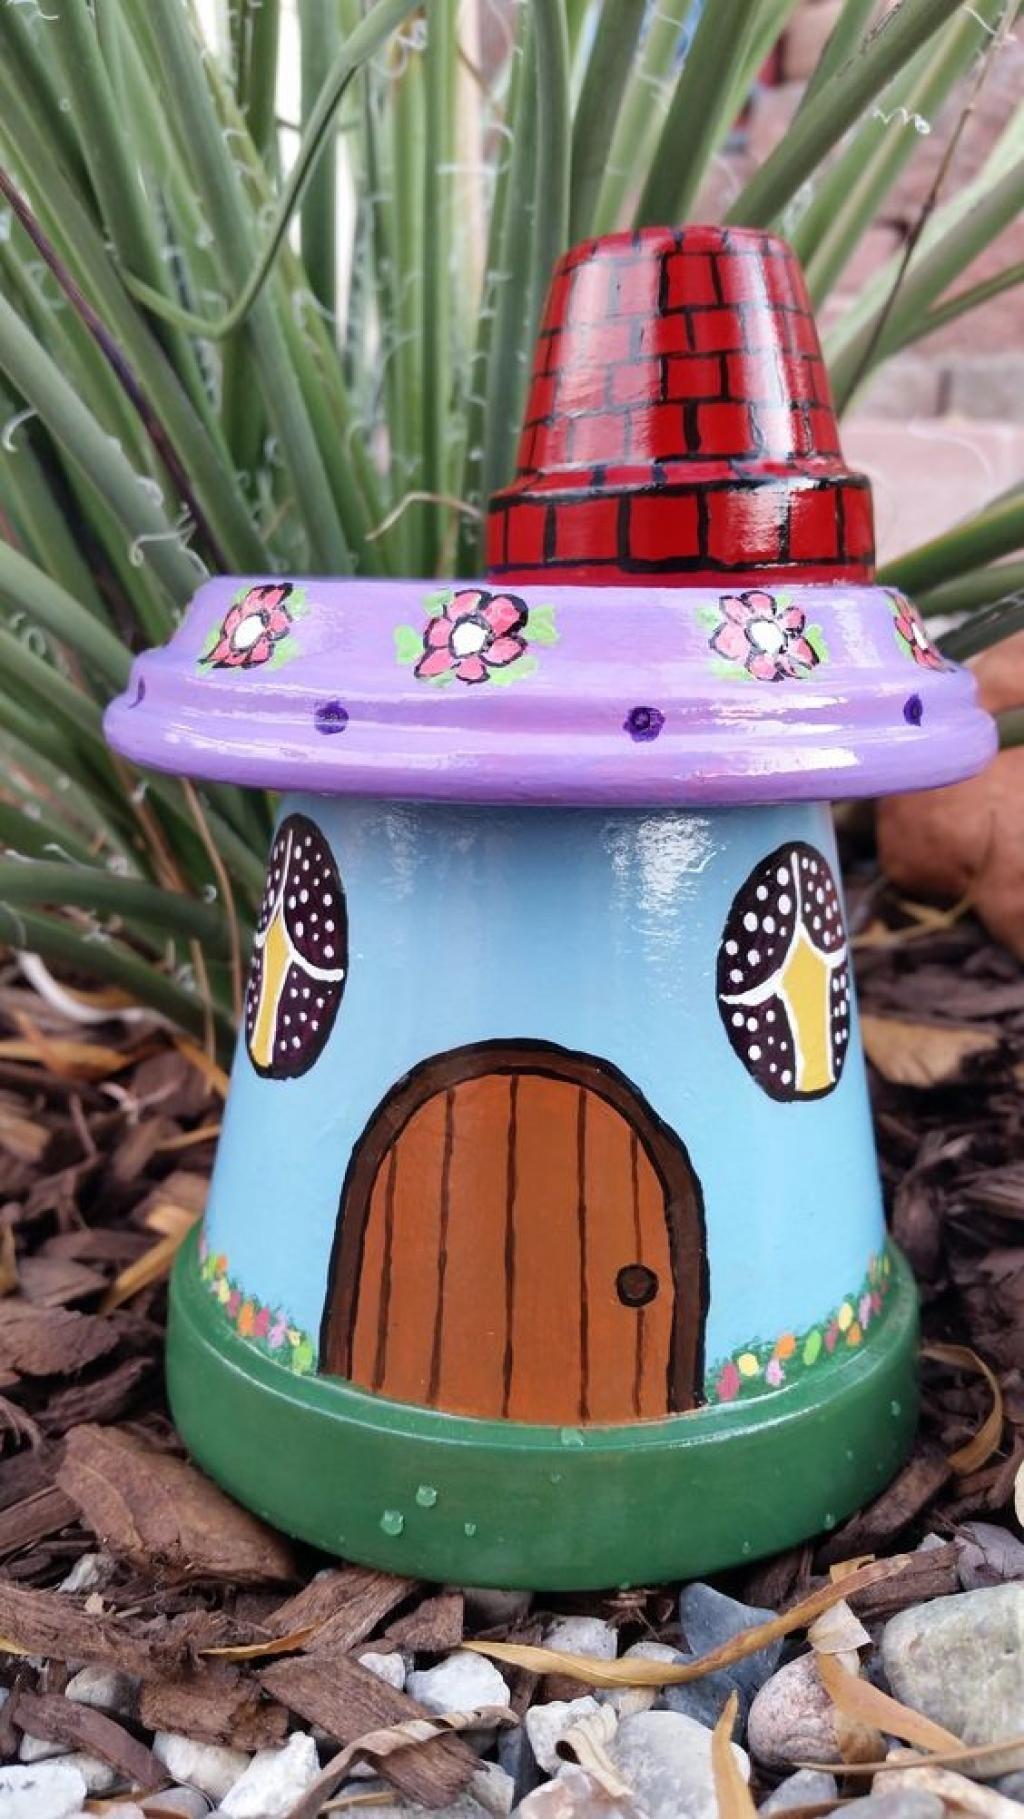 12 nouveaux mod les de d corations de jardin faire avec des pots en terre cuite id e pots - Nouveaux personnages en pots de terre cuite ...